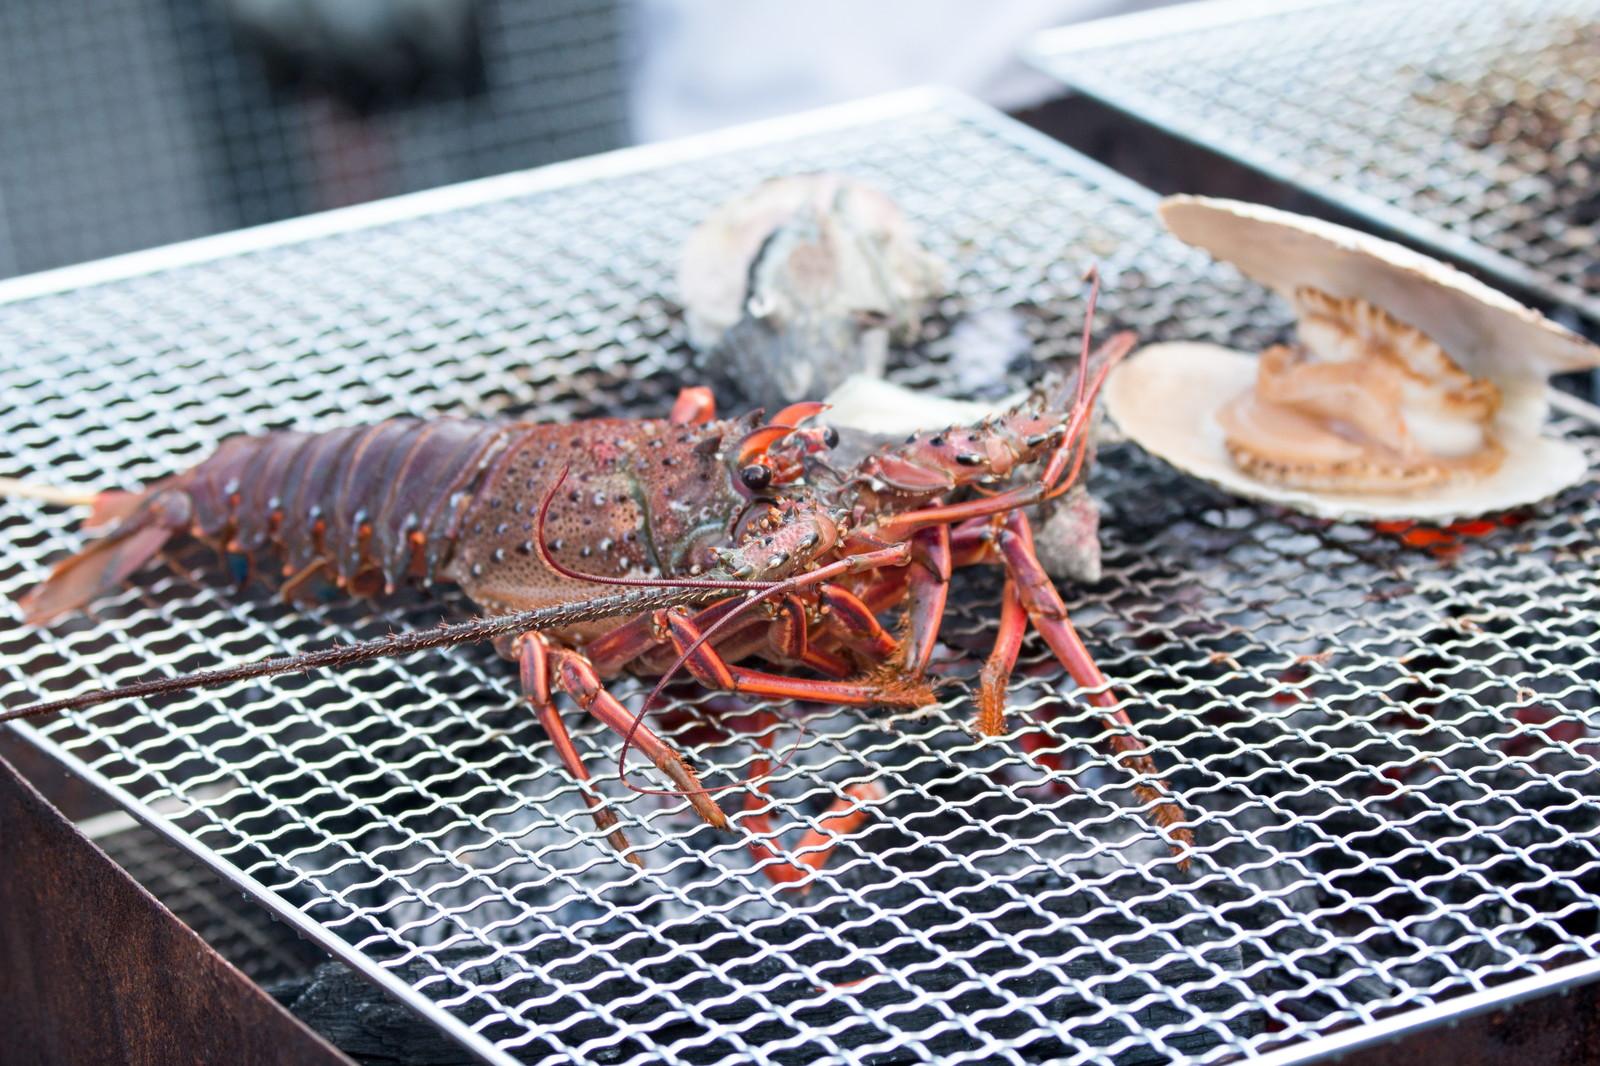 気仙沼のグルメ特集!獲れたての海鮮ランチも人気でおすすめ!